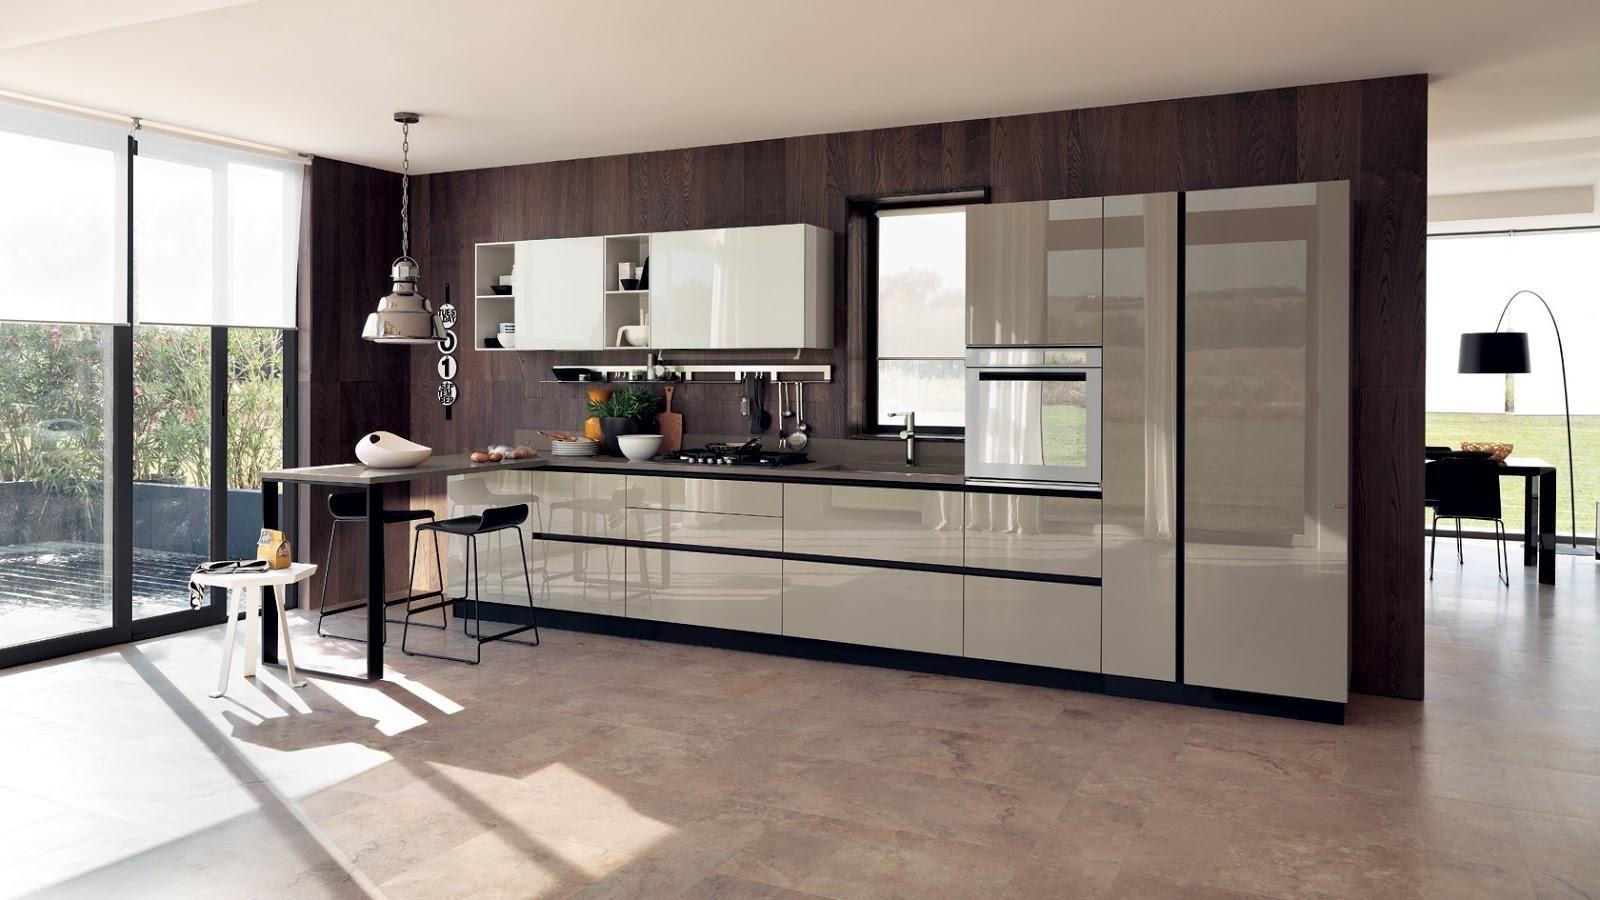 Diseños de cocinas modernas | Cocina | Pinterest | Diseño de cocina ...